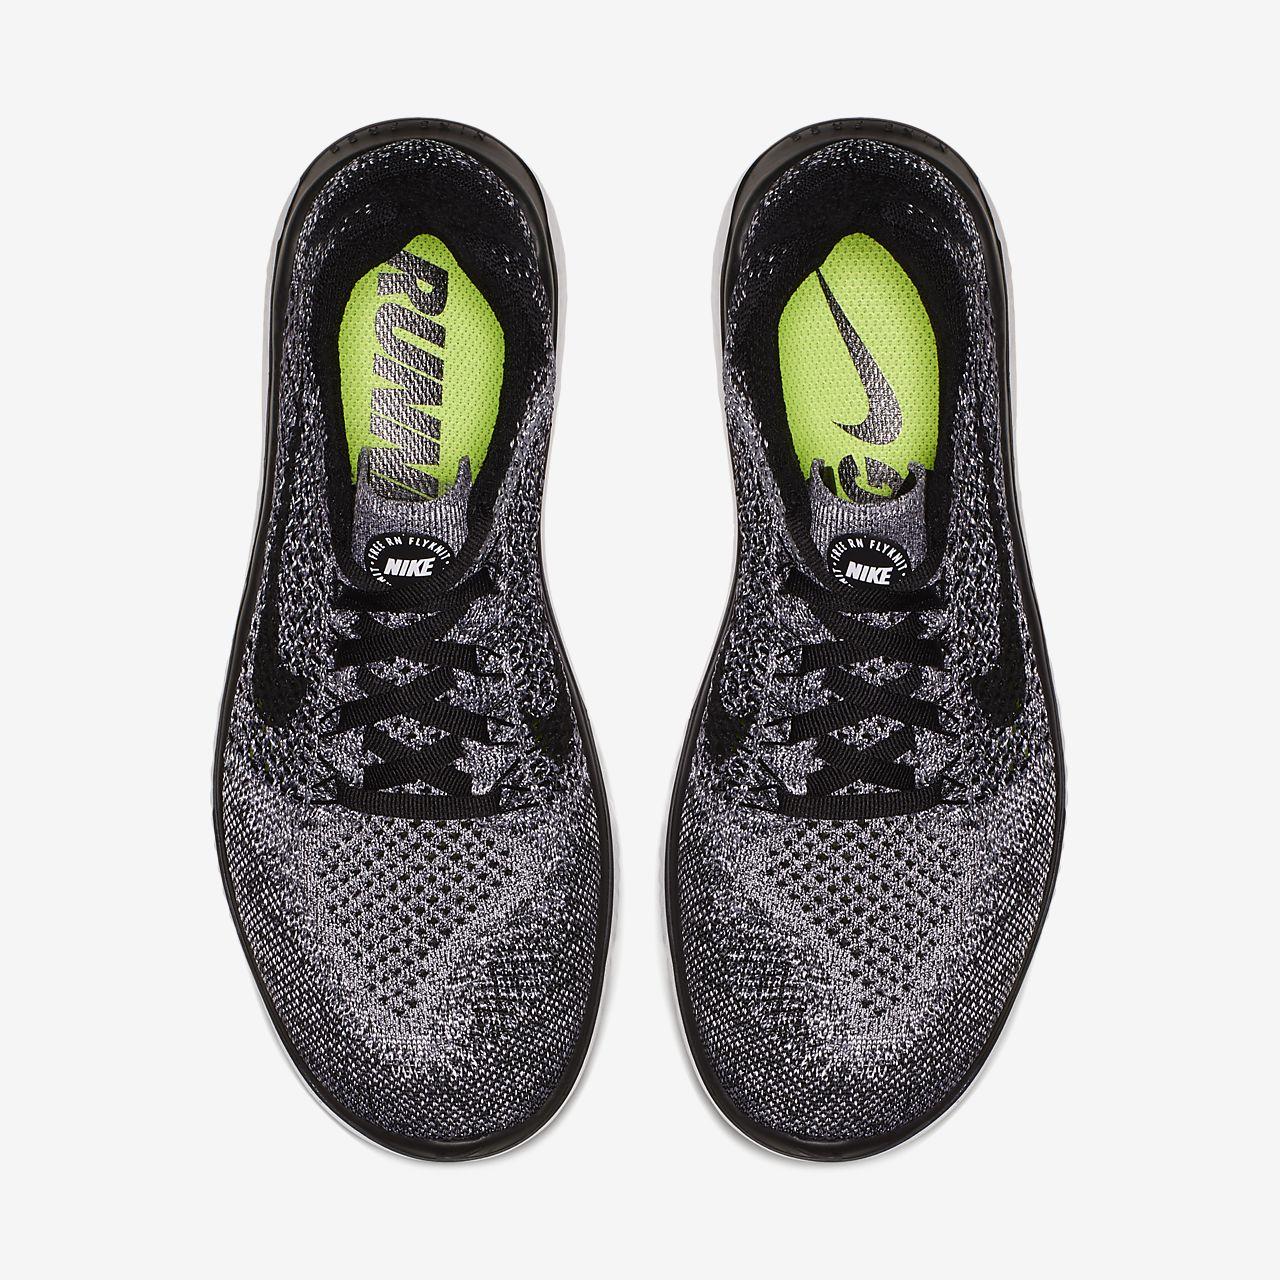 f11a213e2a1 Nike Free RN Flyknit 2018 Women s Running Shoe. Nike.com DK